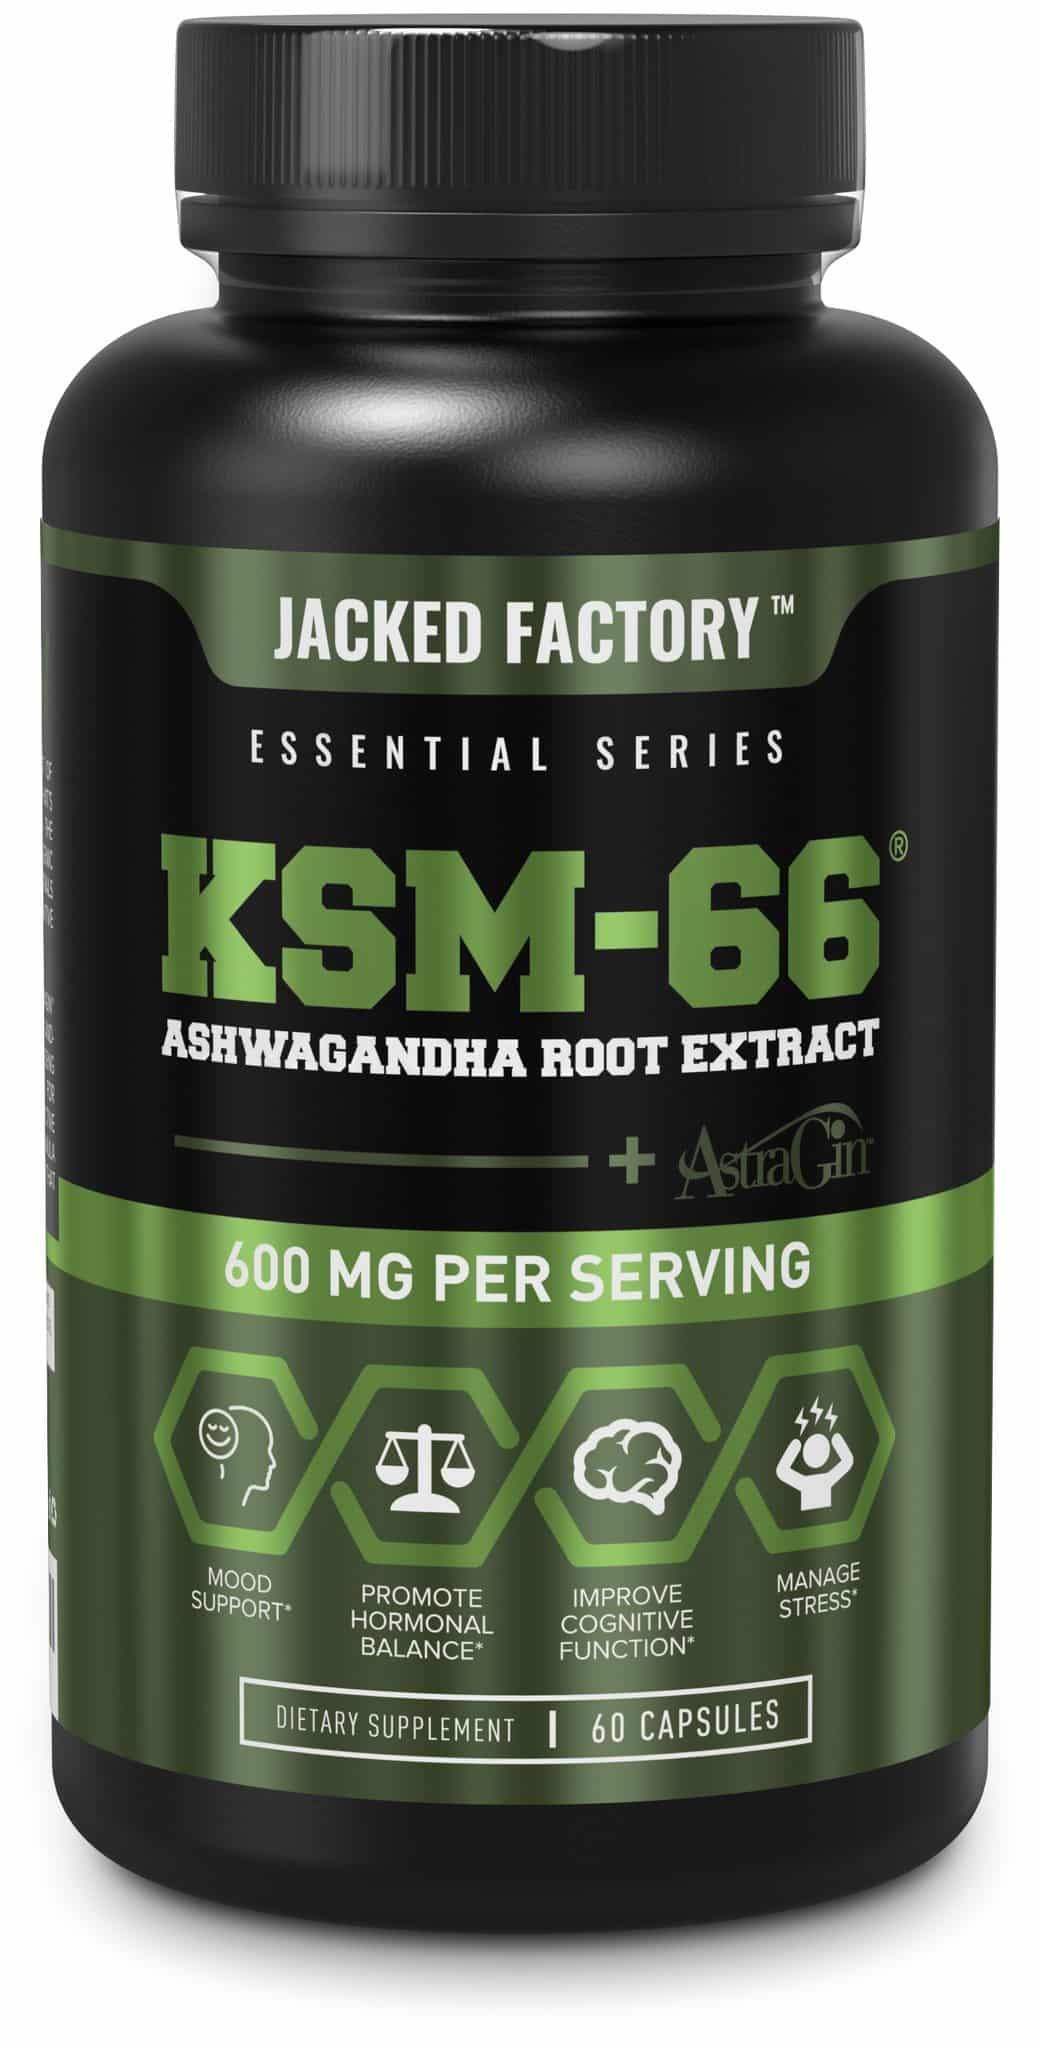 KSM-66 ashwagandha